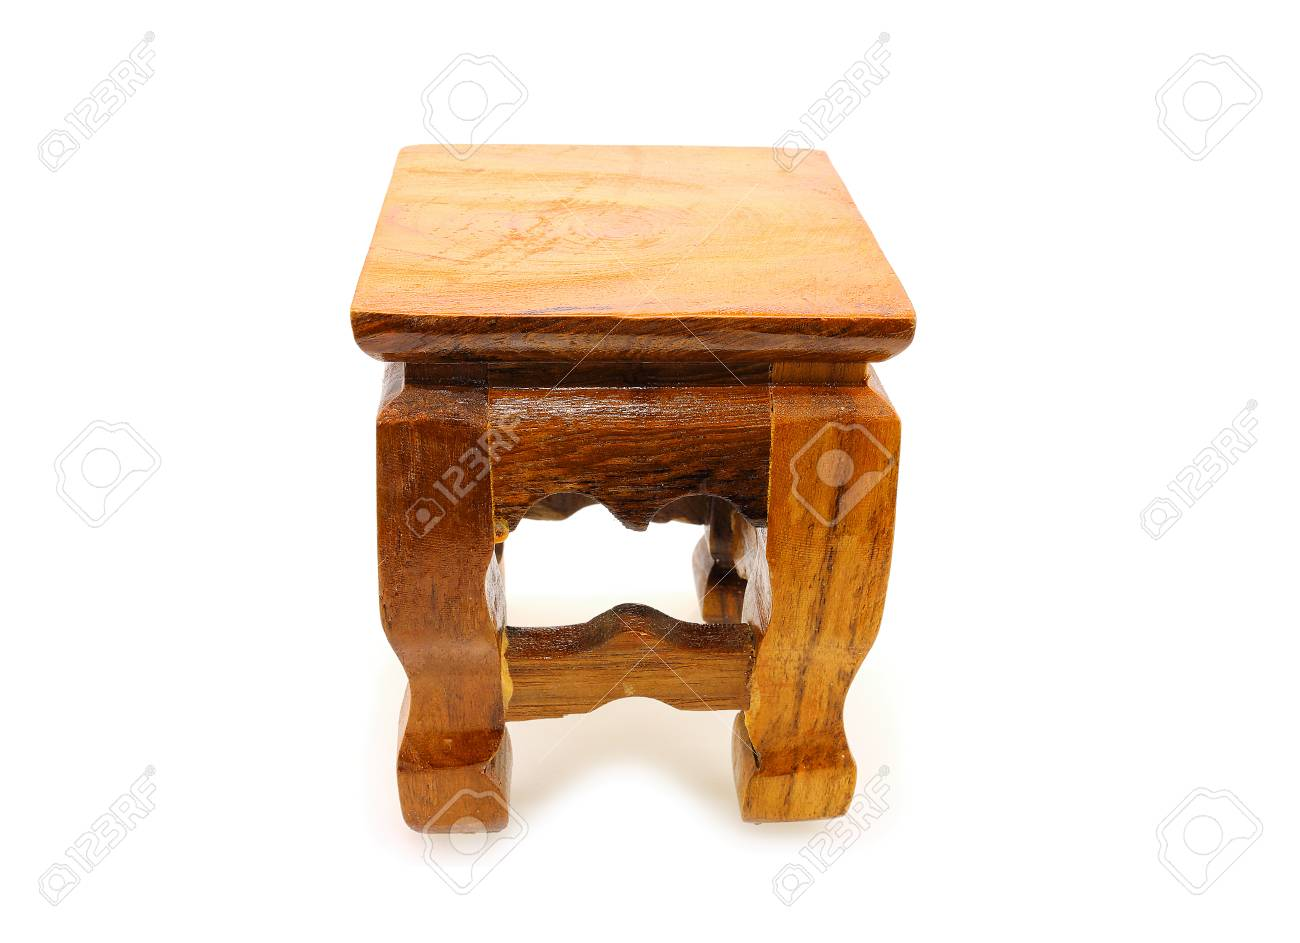 Piccolo tavolo in legno antico su sfondo bianco